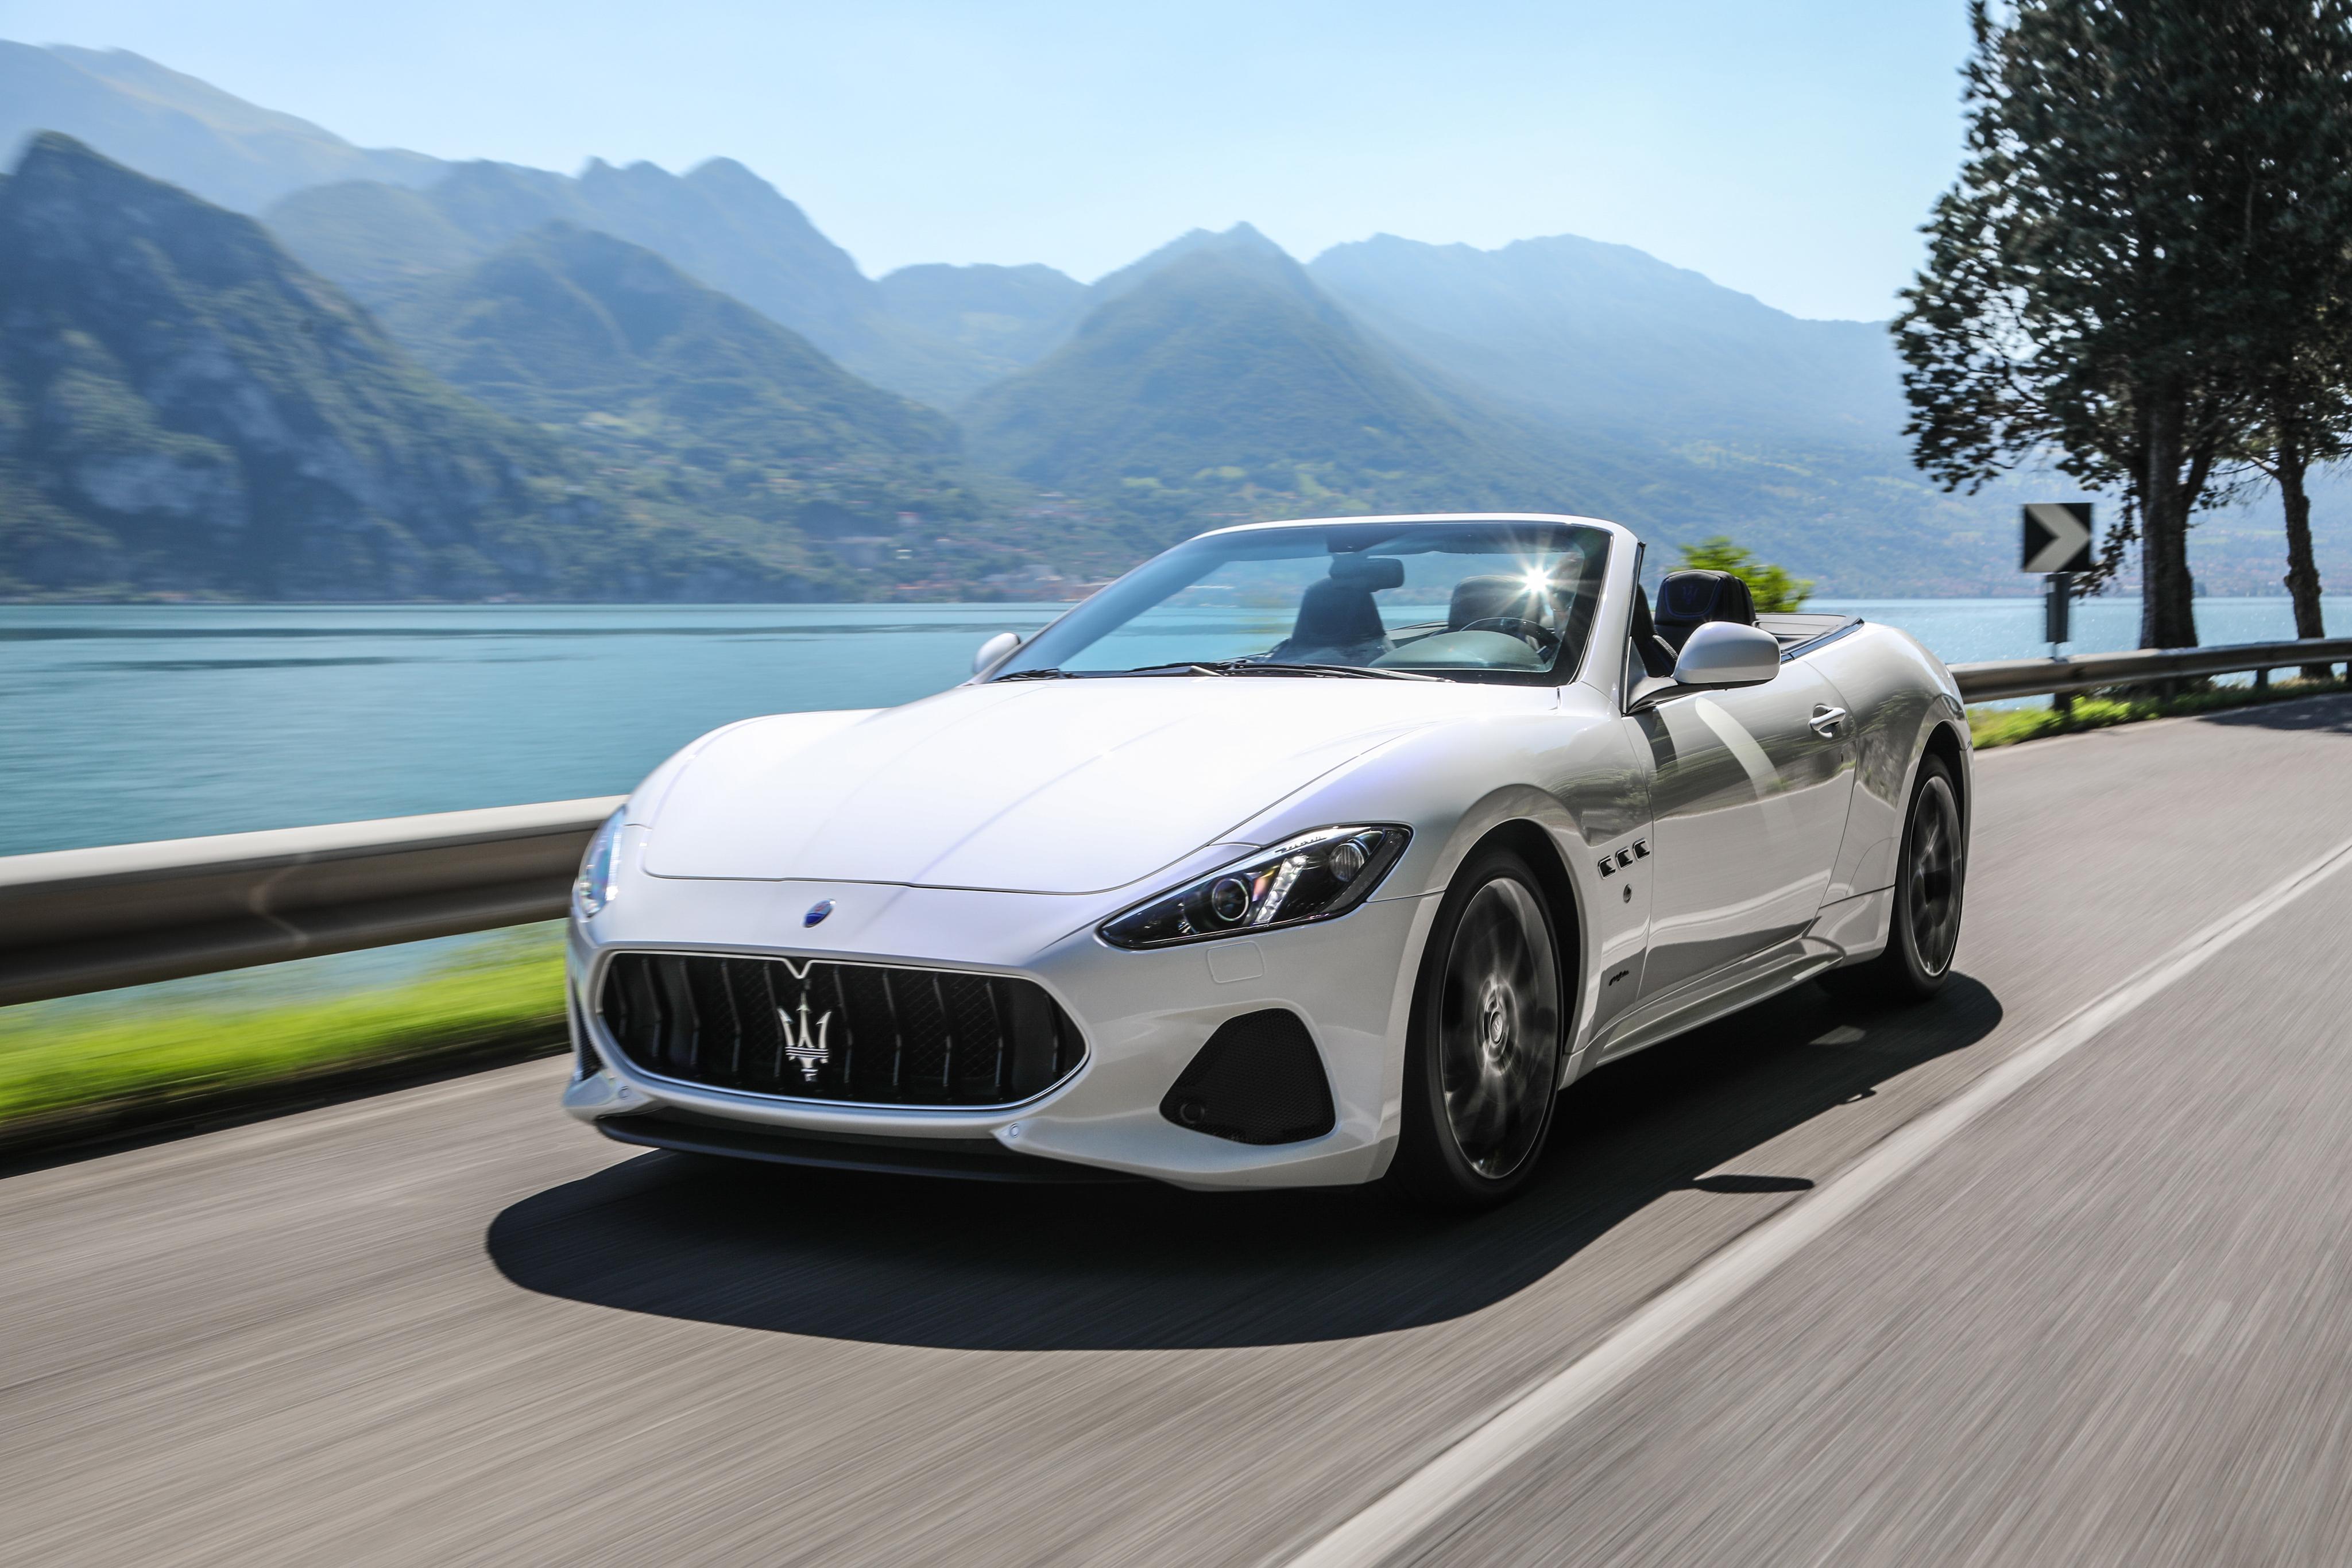 Fondos De Pantalla Coches: White Maserati GranCabrio In The Mountains 4k Ultra Fondo